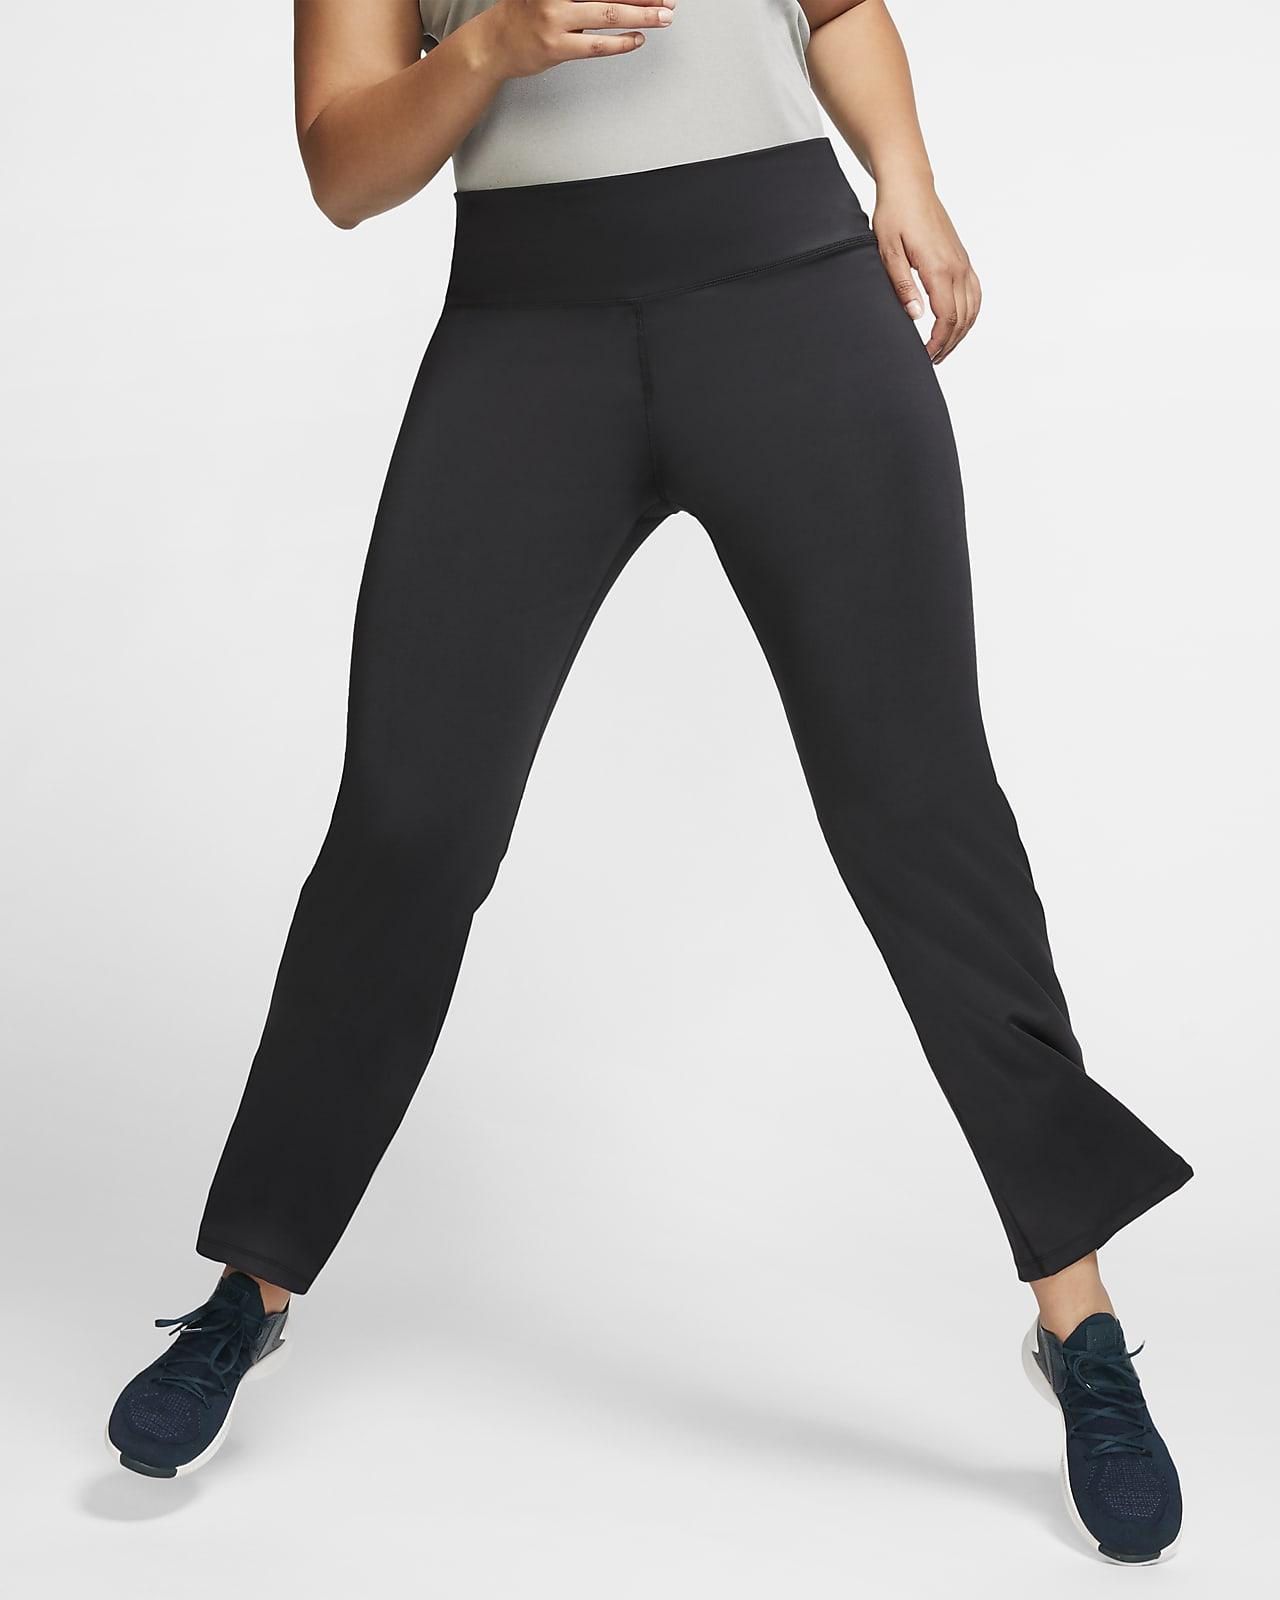 Calças de treino Nike Power para mulher (tamanhos grandes)